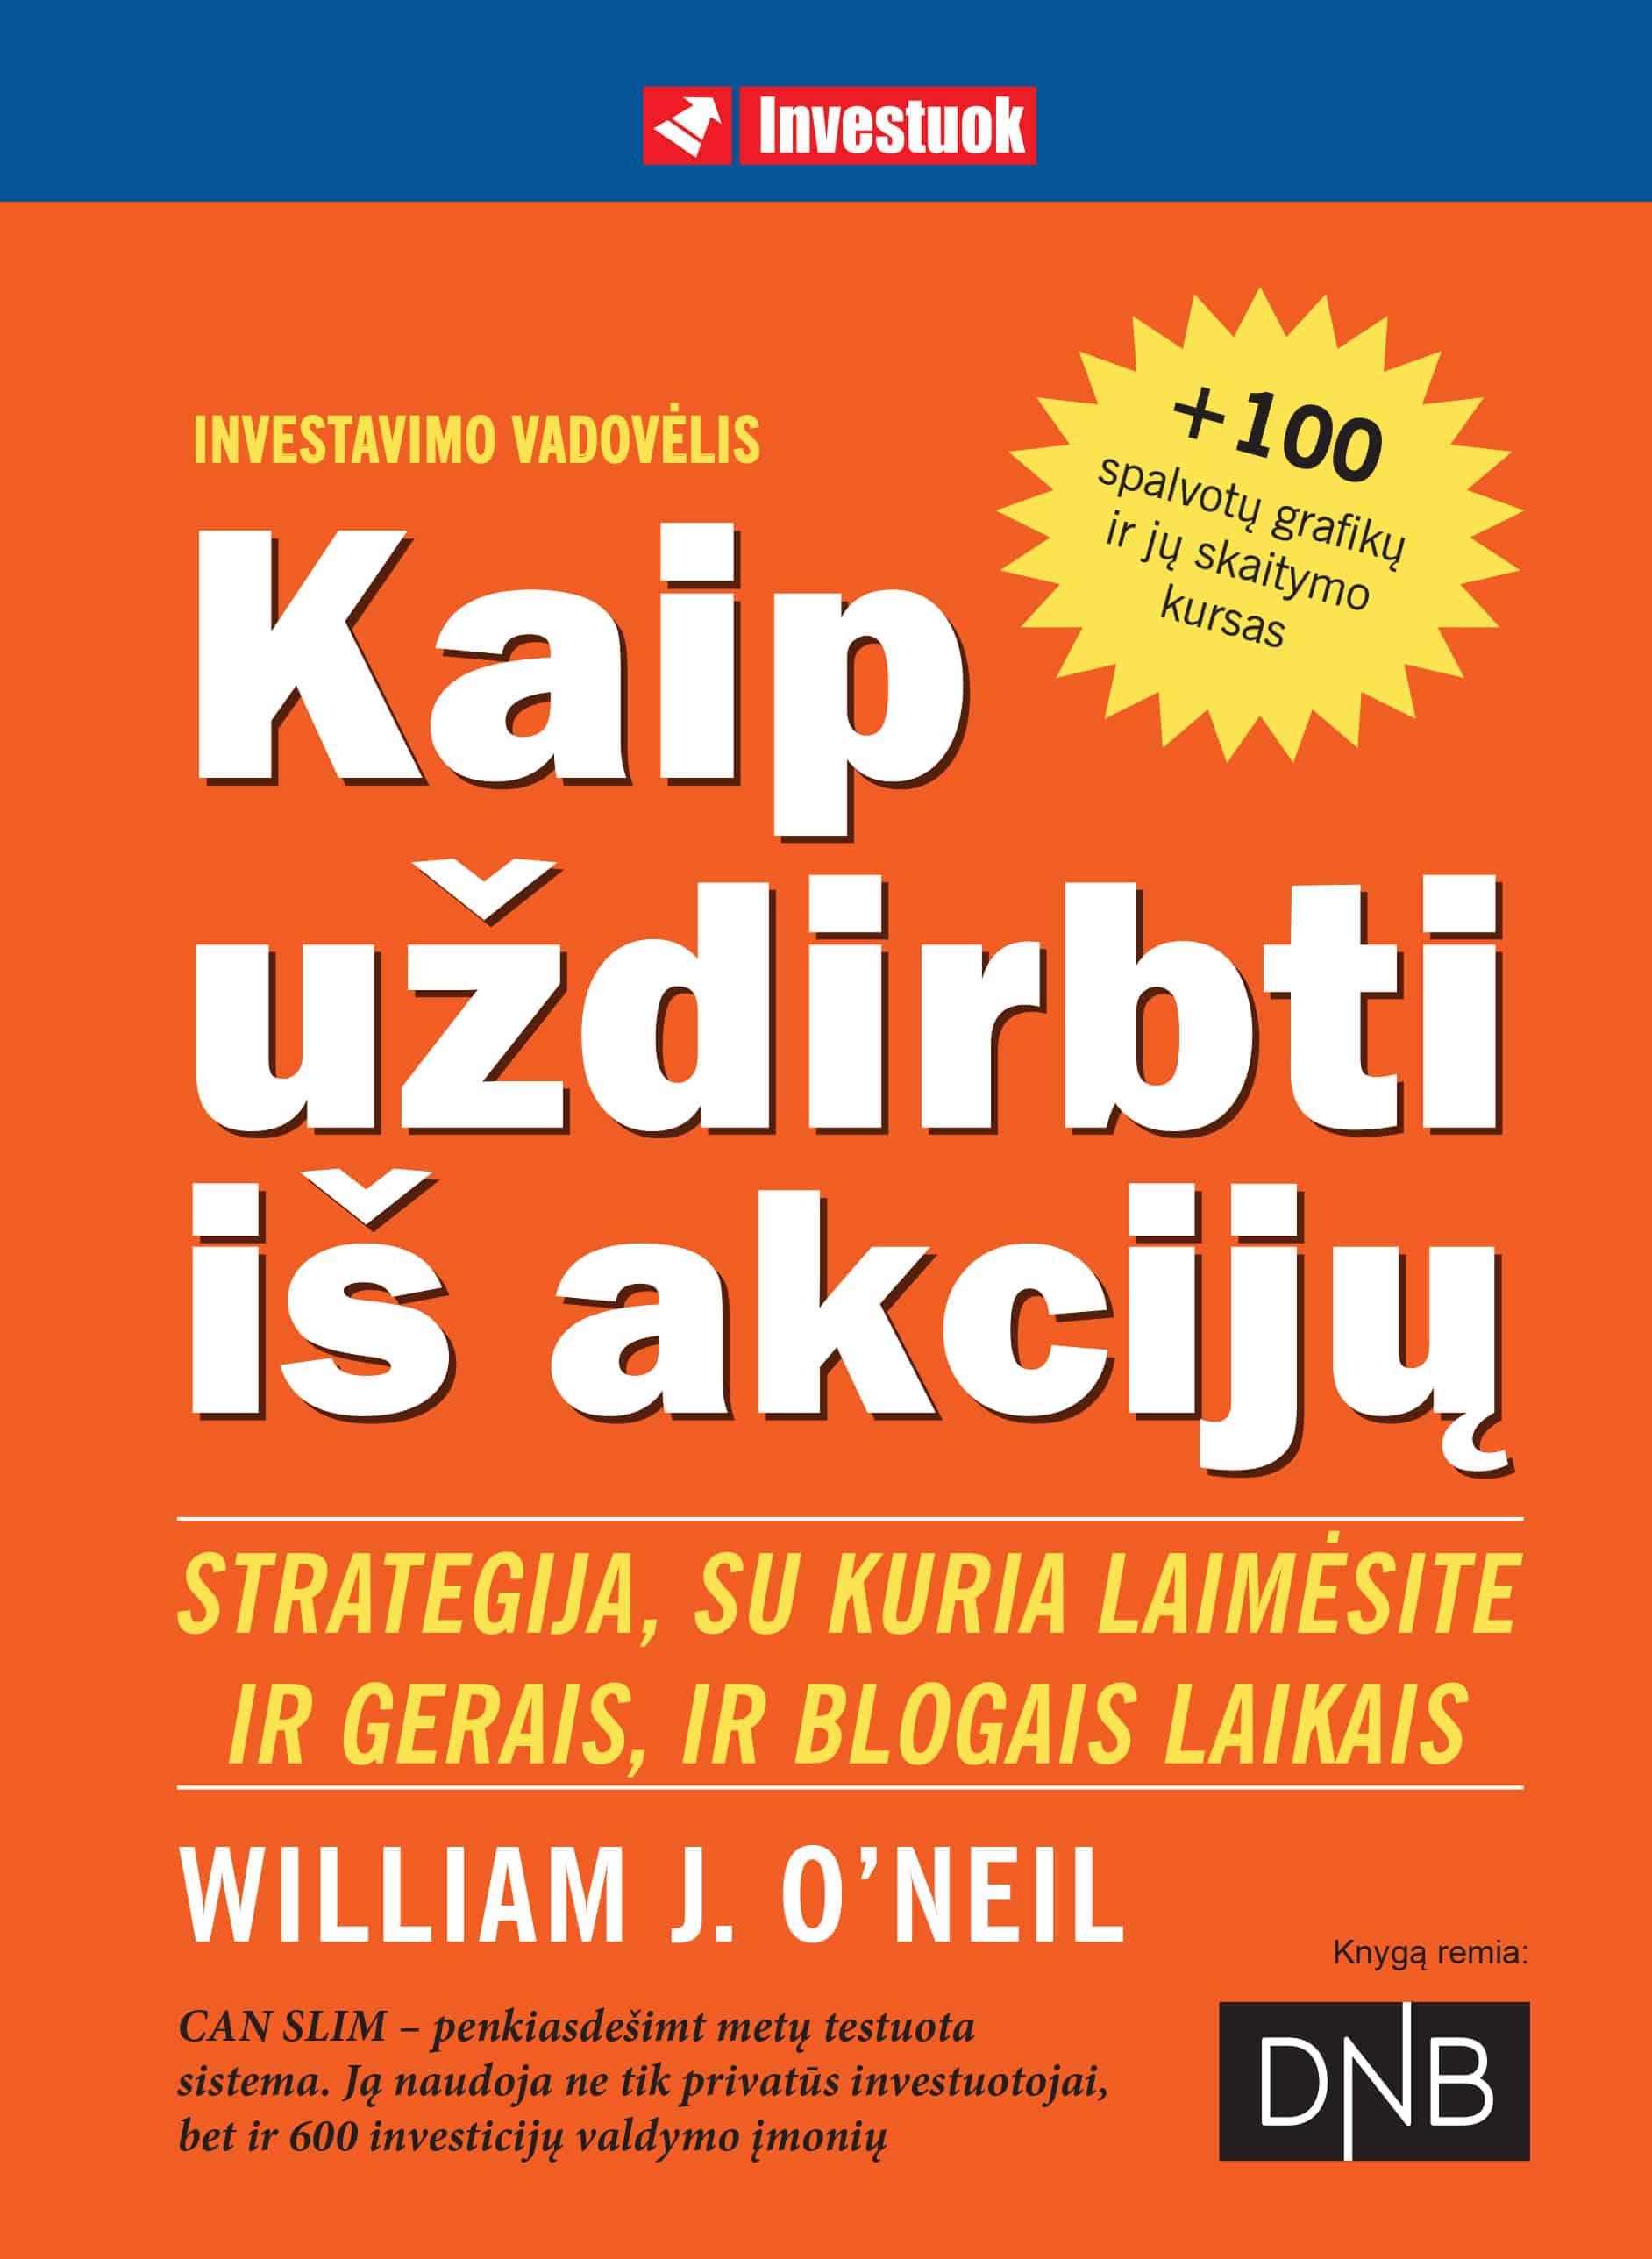 geriausia knyga suprasti akcijų pasirinkimo sandorius